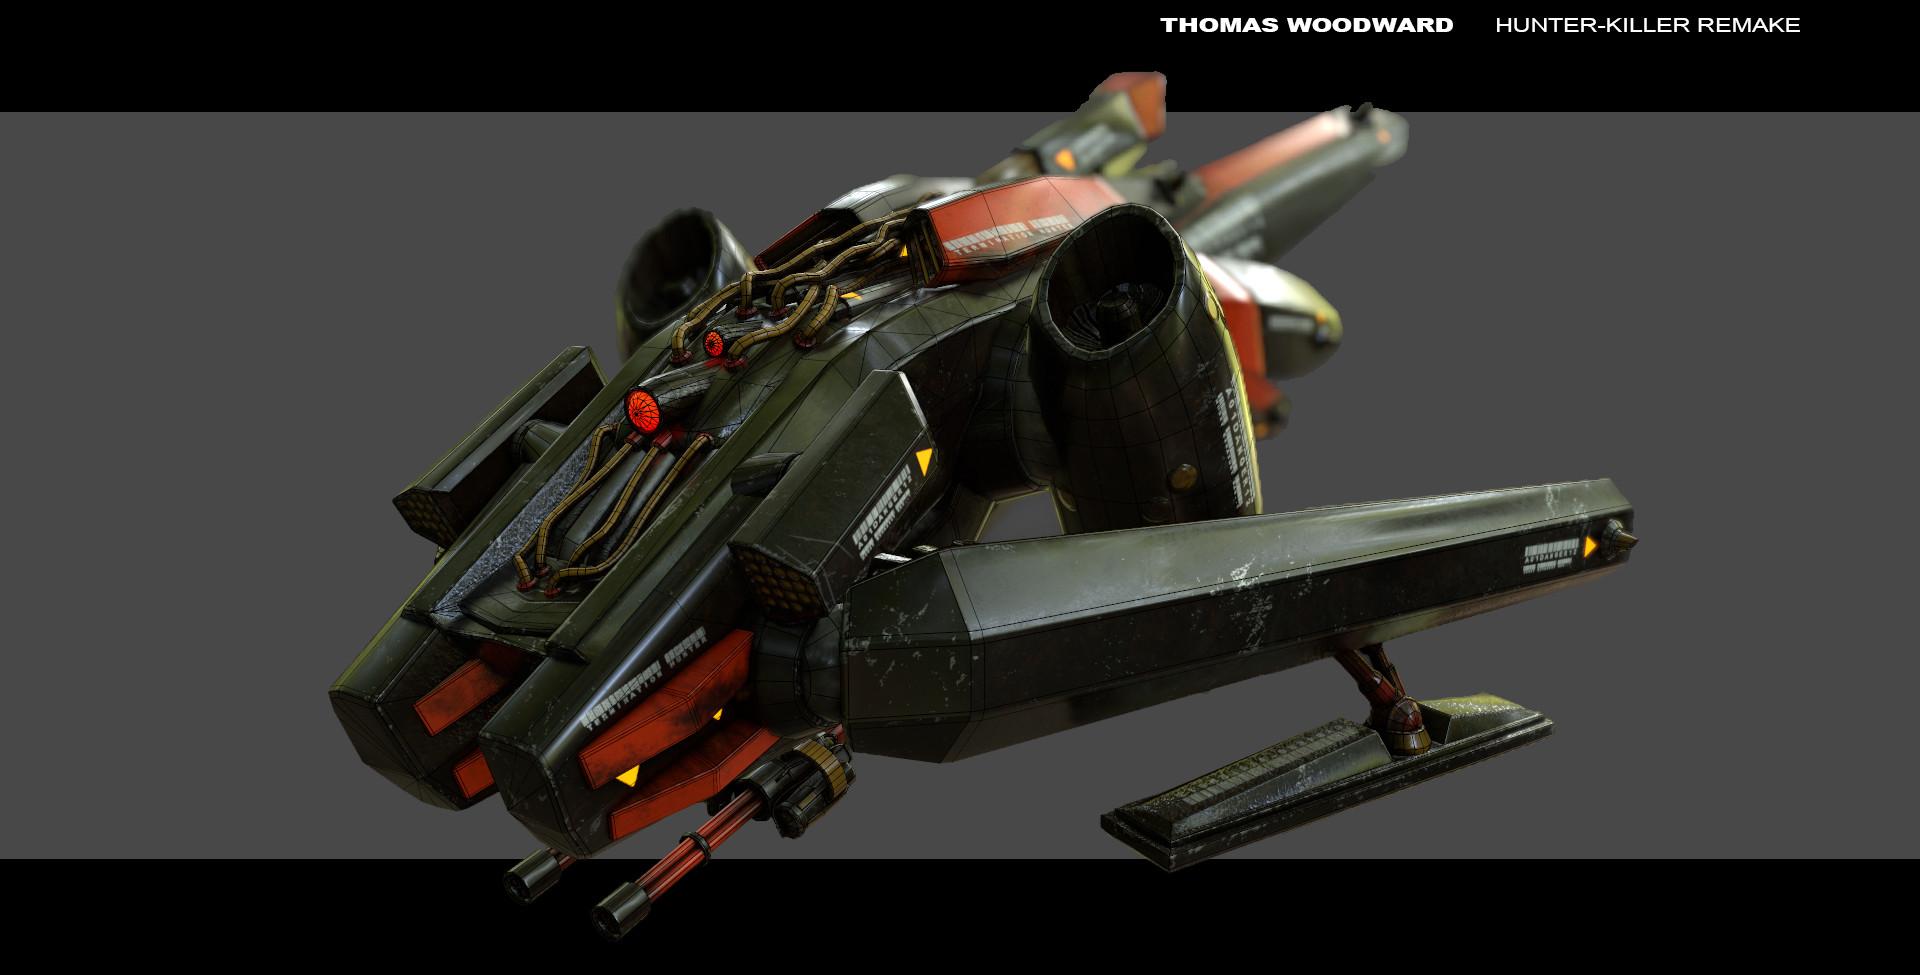 Thomas woodward 08